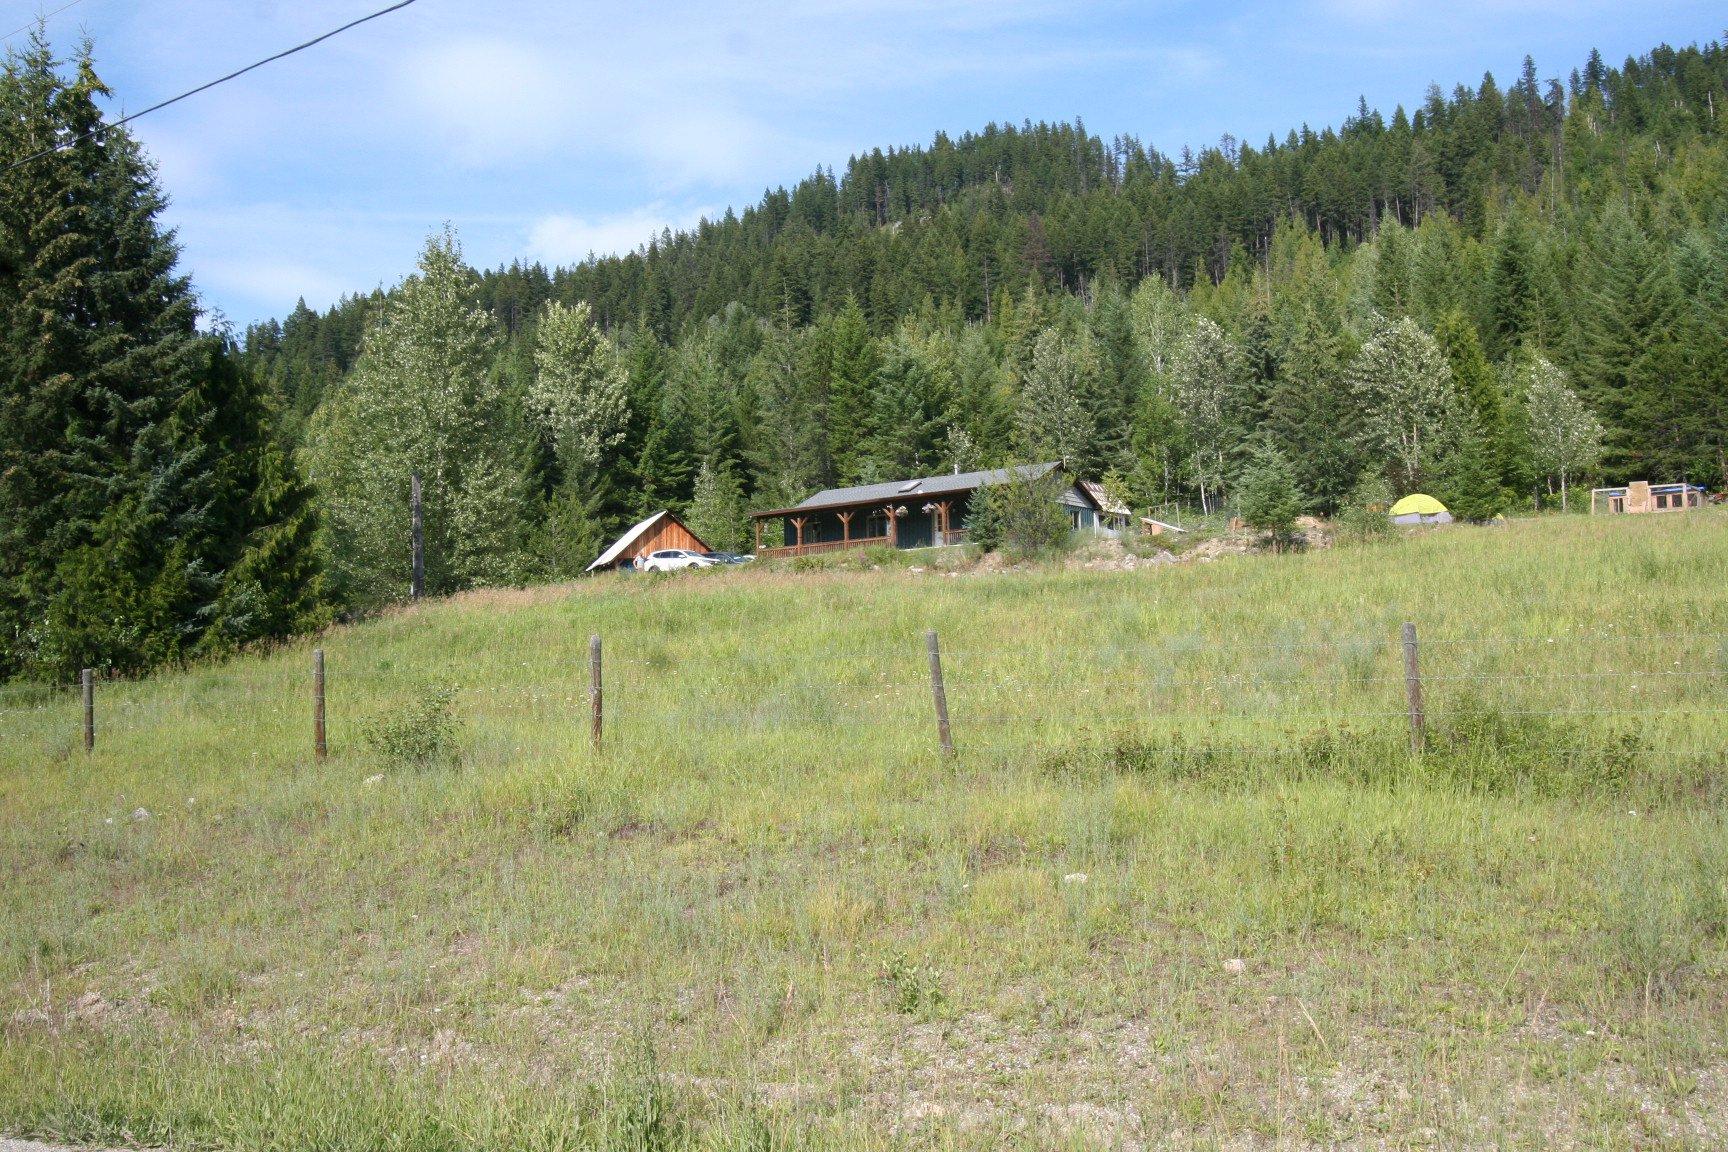 Main Photo: 6360 Loakin Bear Crk Rd: Chase Condo for sale : MLS®# 147219